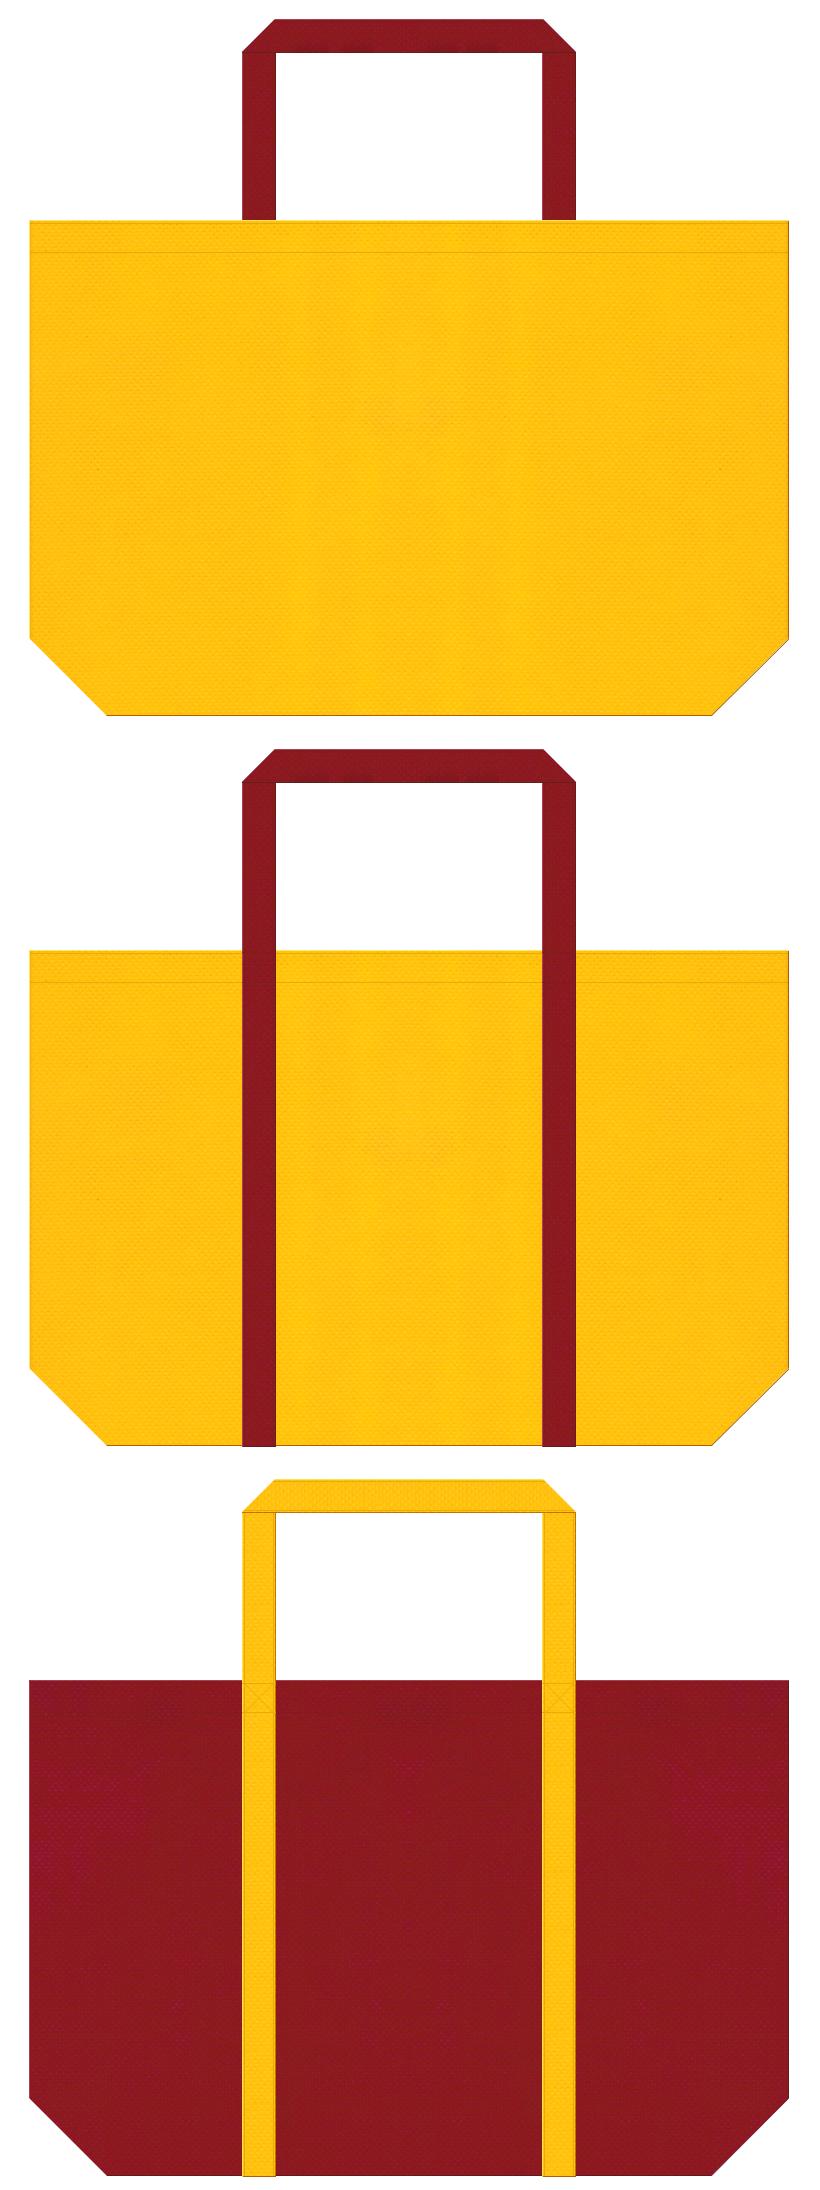 ランタン・アウトドア・登山・キャンプ用品のショッピングバッグにお奨めの不織布バッグデザイン:黄色とエンジ色のコーデ